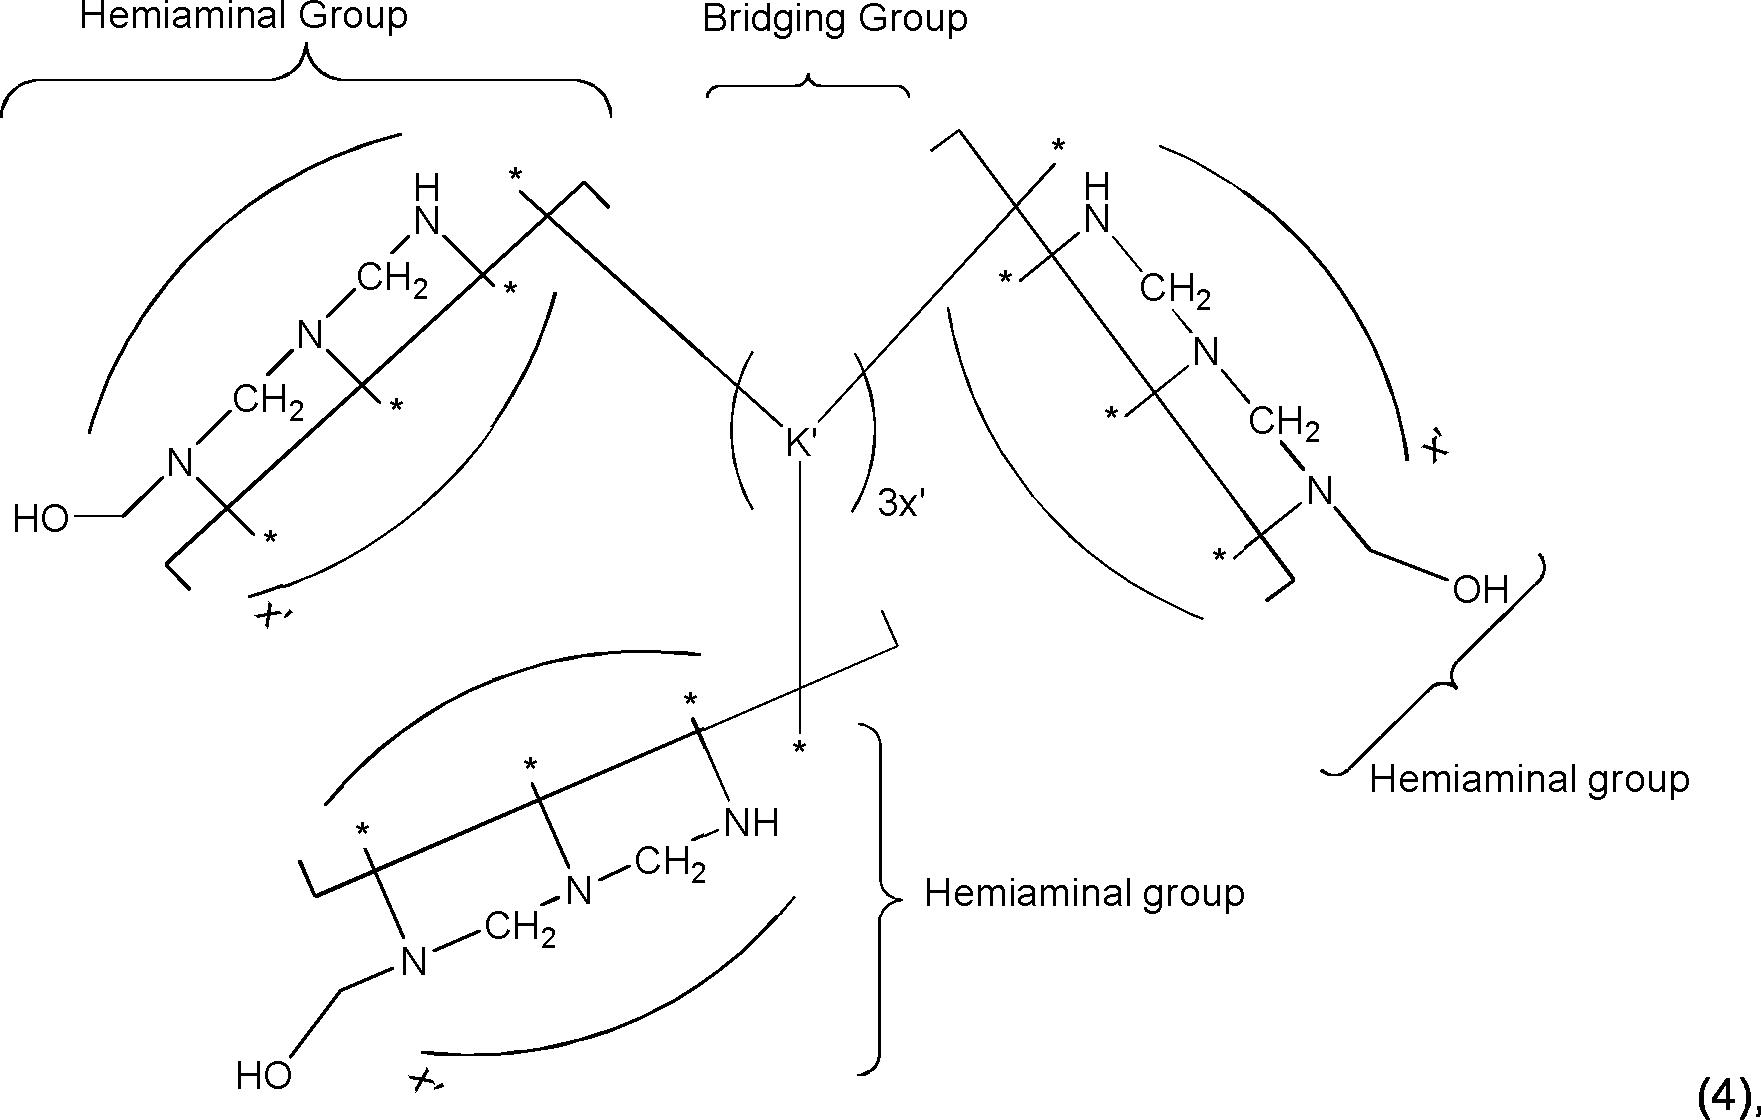 Figure DE112014004152T5_0009